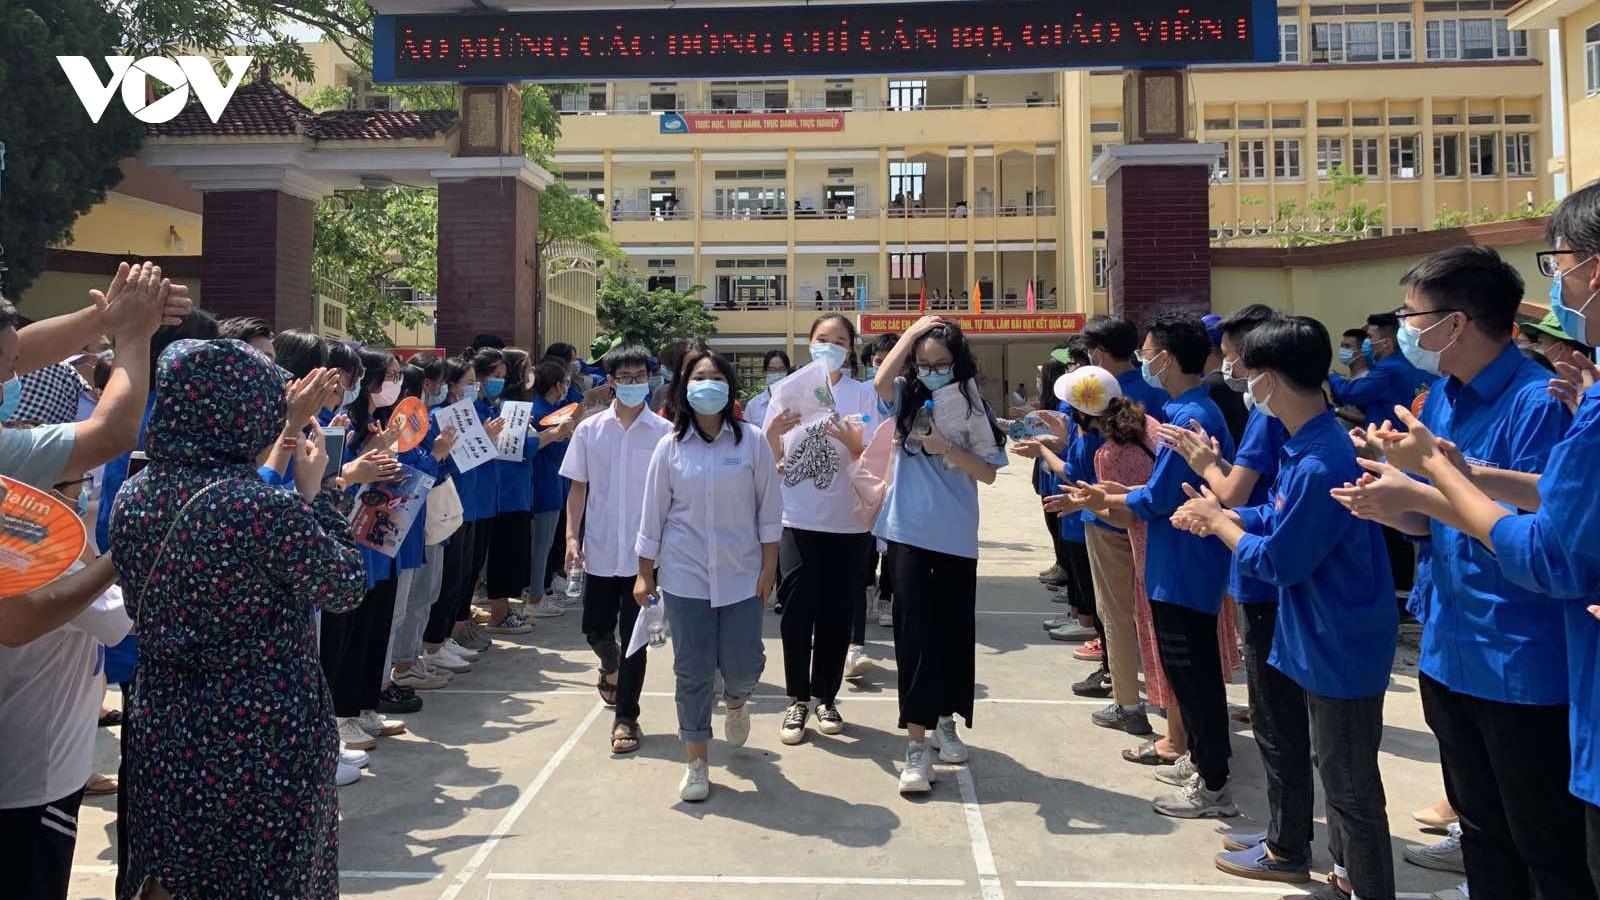 Hơn 8.600 học sinh Lạng Sơn dự thi vào lớp 10, có 1 thí sinh thi phòng riêng